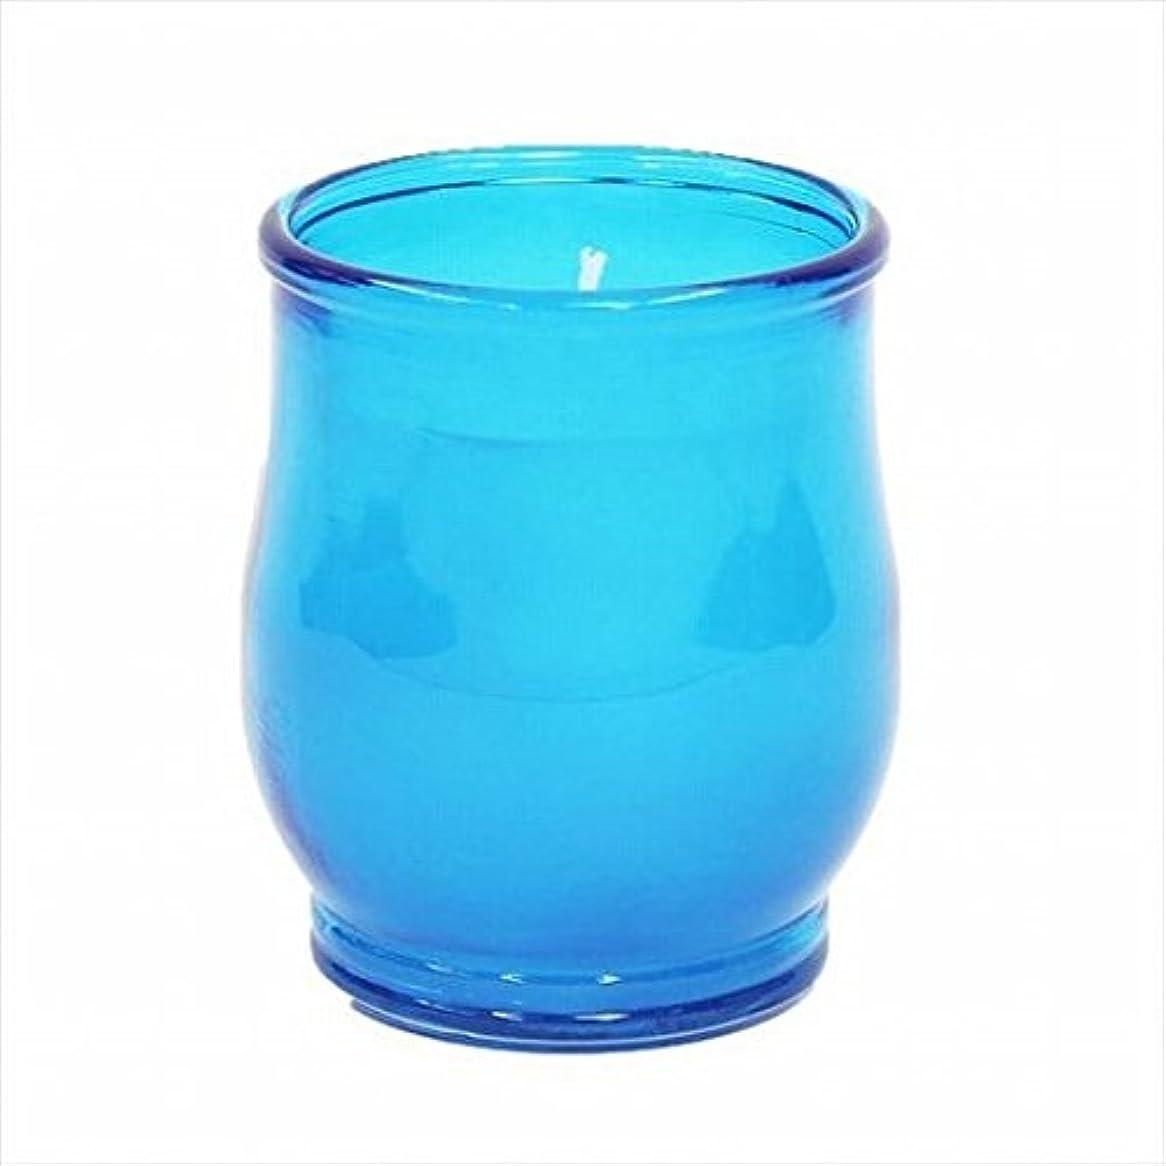 重量オークランドマイコンkameyama candle(カメヤマキャンドル) ポシェ(非常用コップローソク) 「 ブルー 」 キャンドル 68x68x80mm (73020000BL)